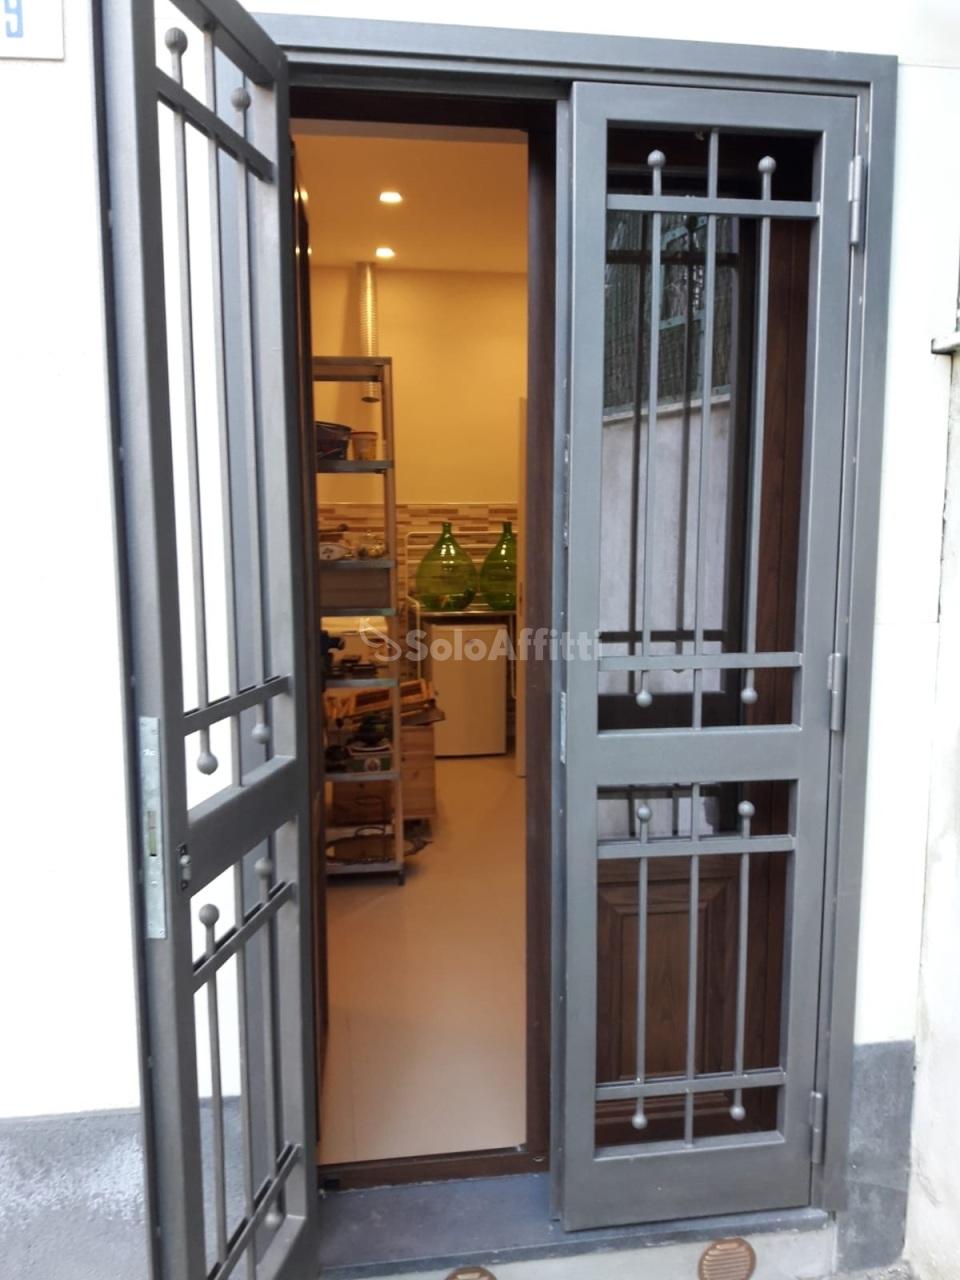 Appartamenti e Attici CATANIA affitto  Piazza Stesicoro  GRI.VIR. Immobiliare di Grimaldi Carmine